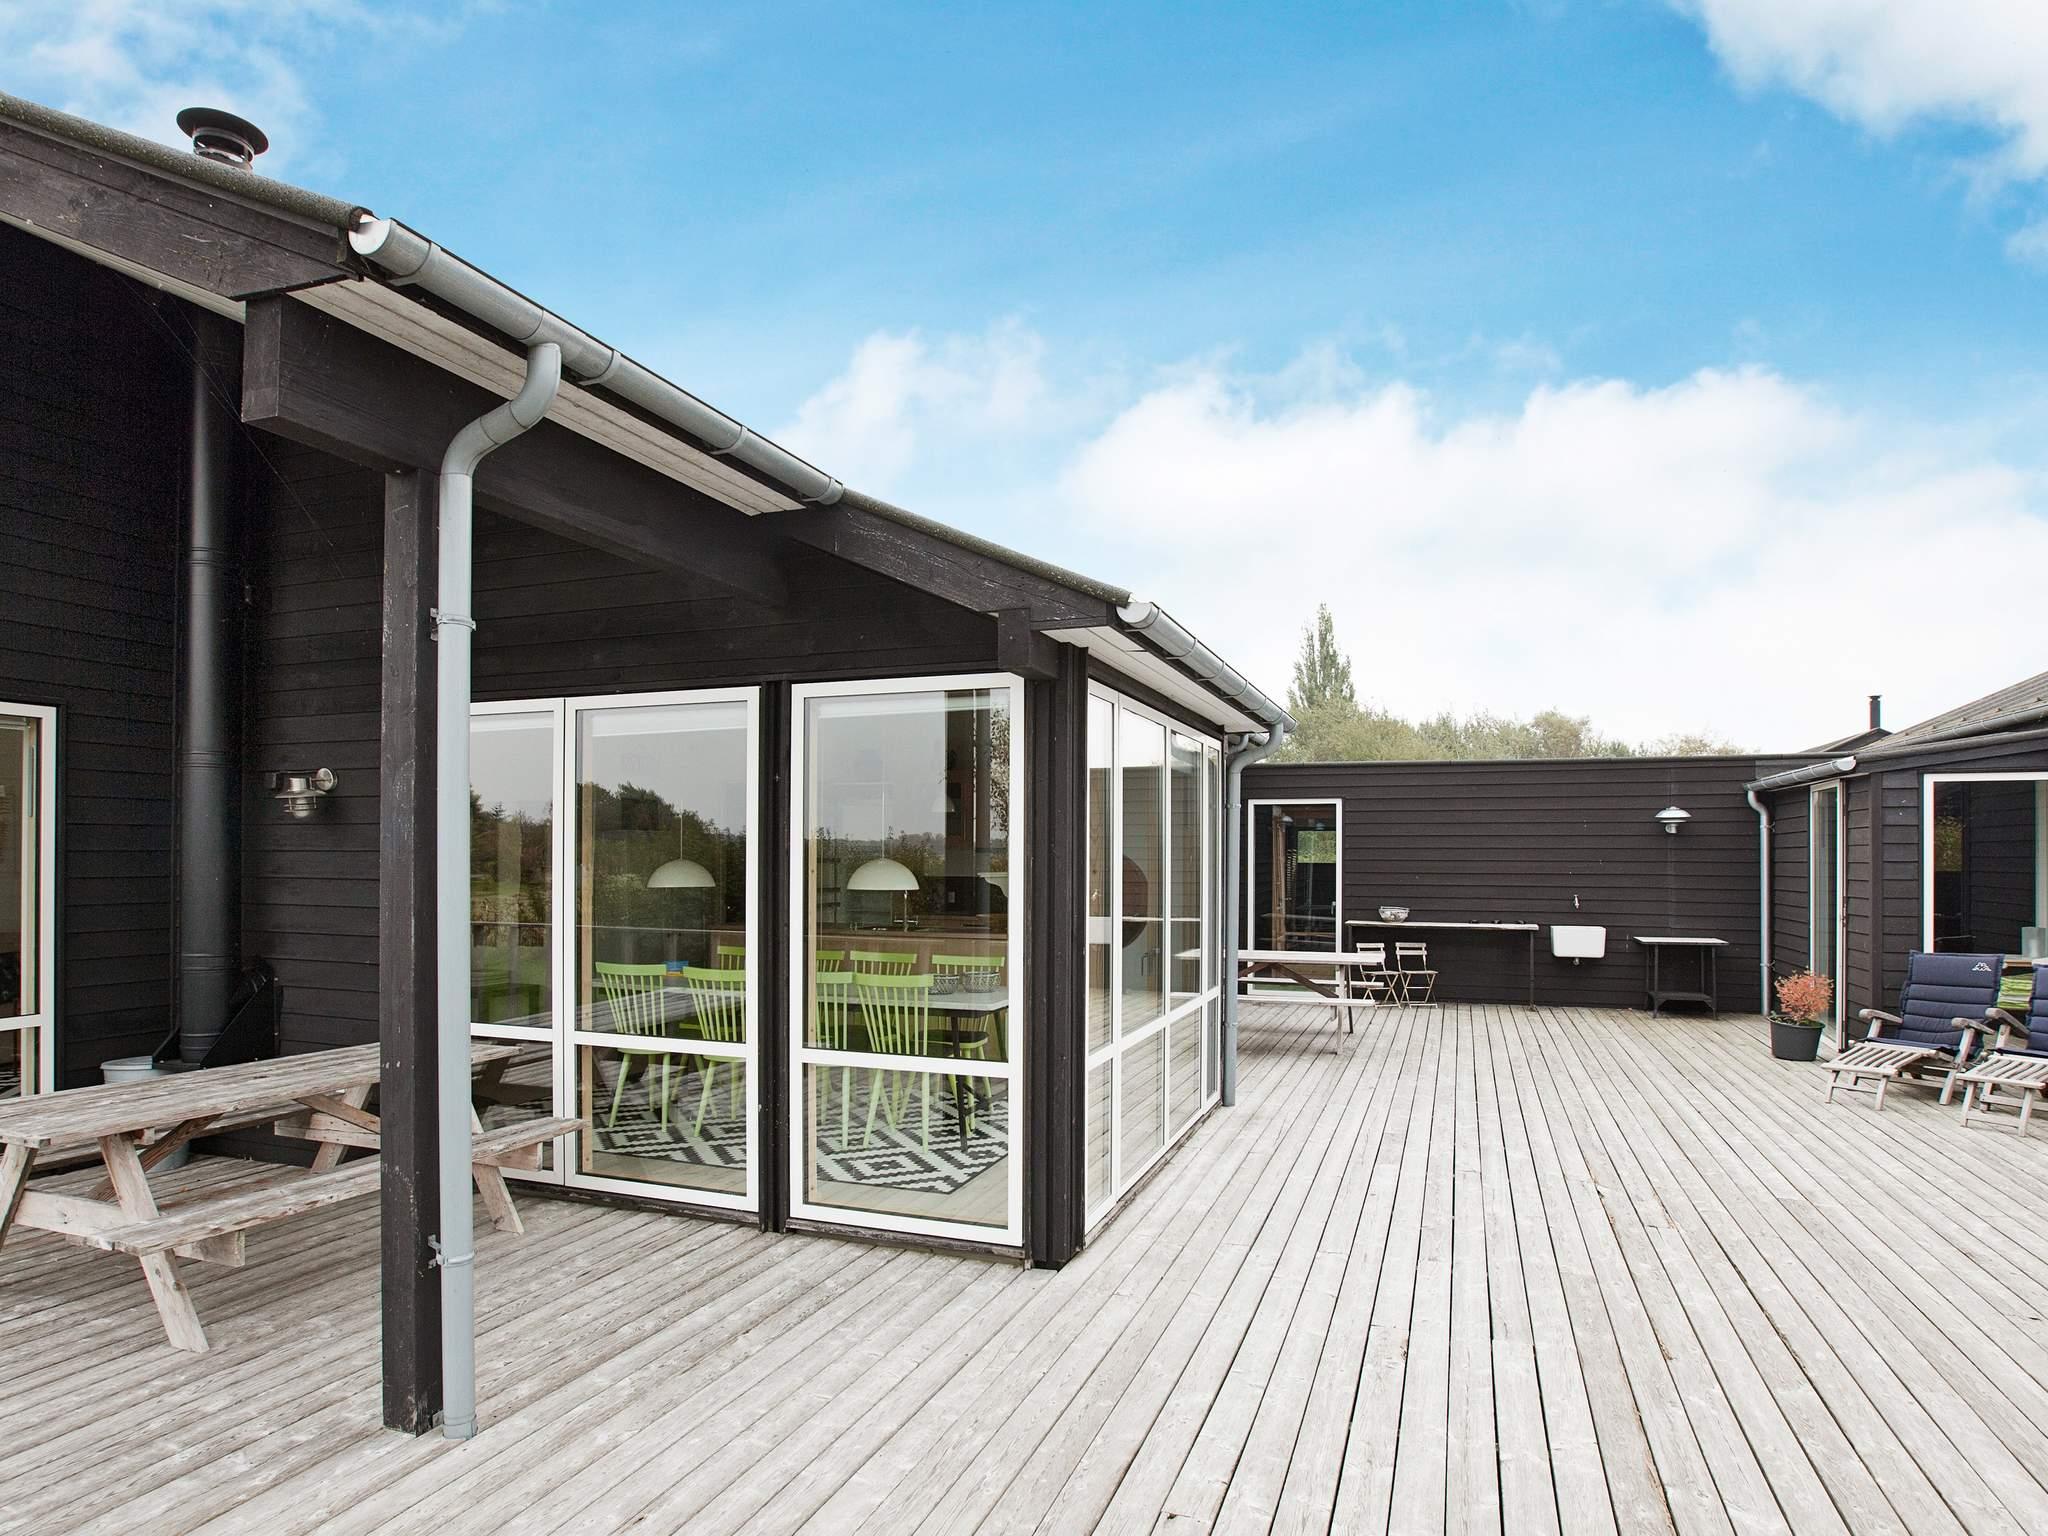 Ferienhaus Ulvshale (216908), Stege, , Møn, Dänemark, Bild 16